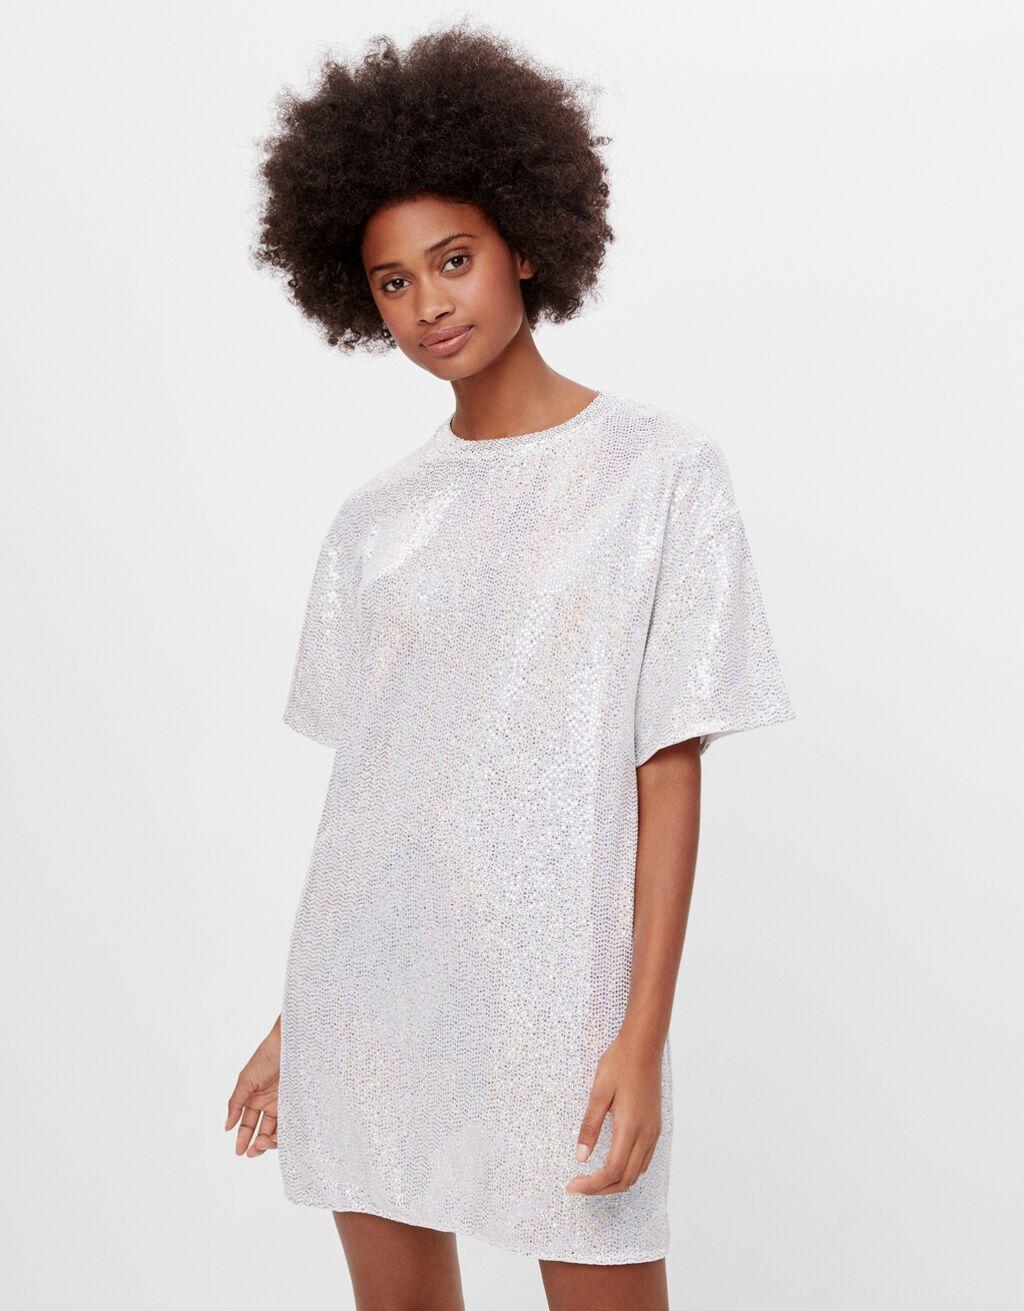 Glittery T-shirt dress